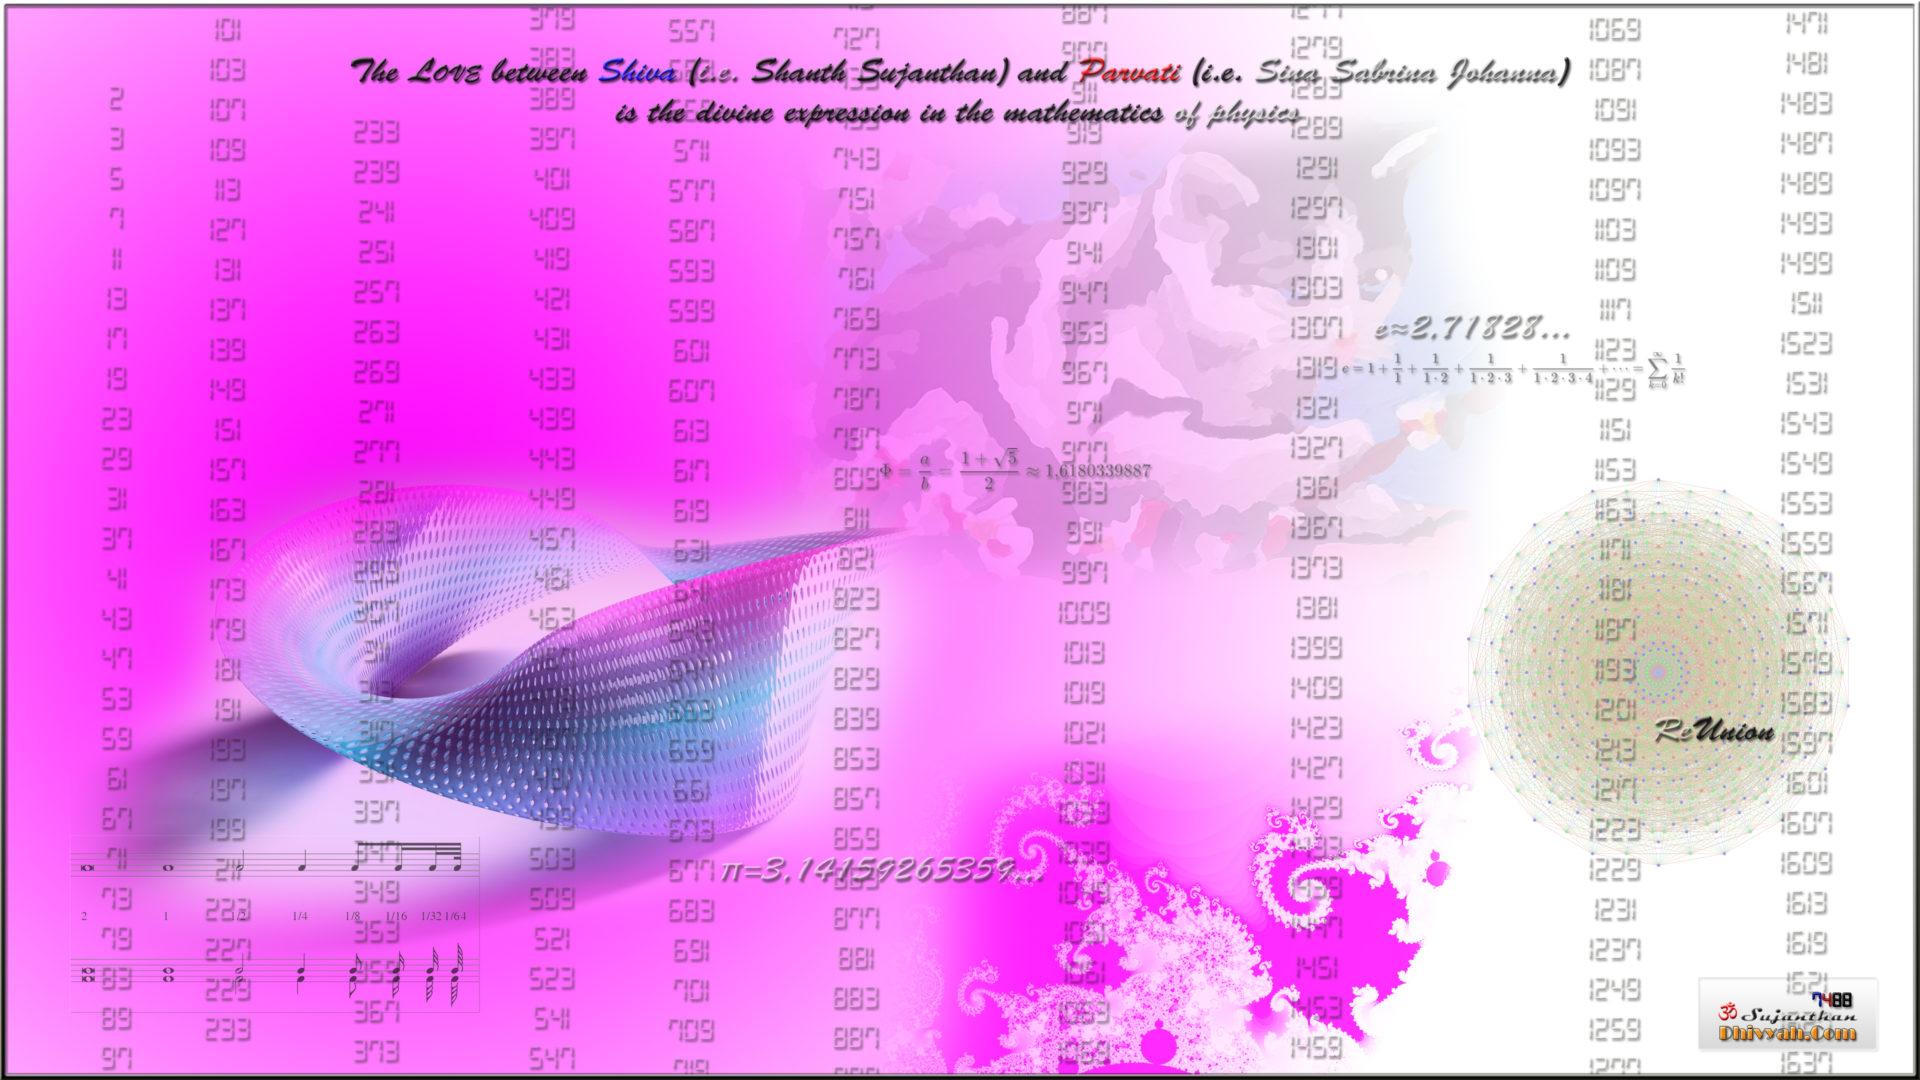 Die Liebe zwischen Shiva (das ist Shanth Sujanthan) und Parvati (das ist Sina Sabrina Johanna) ist der göttliche Ausdruck in der Mathematik (der Physik).